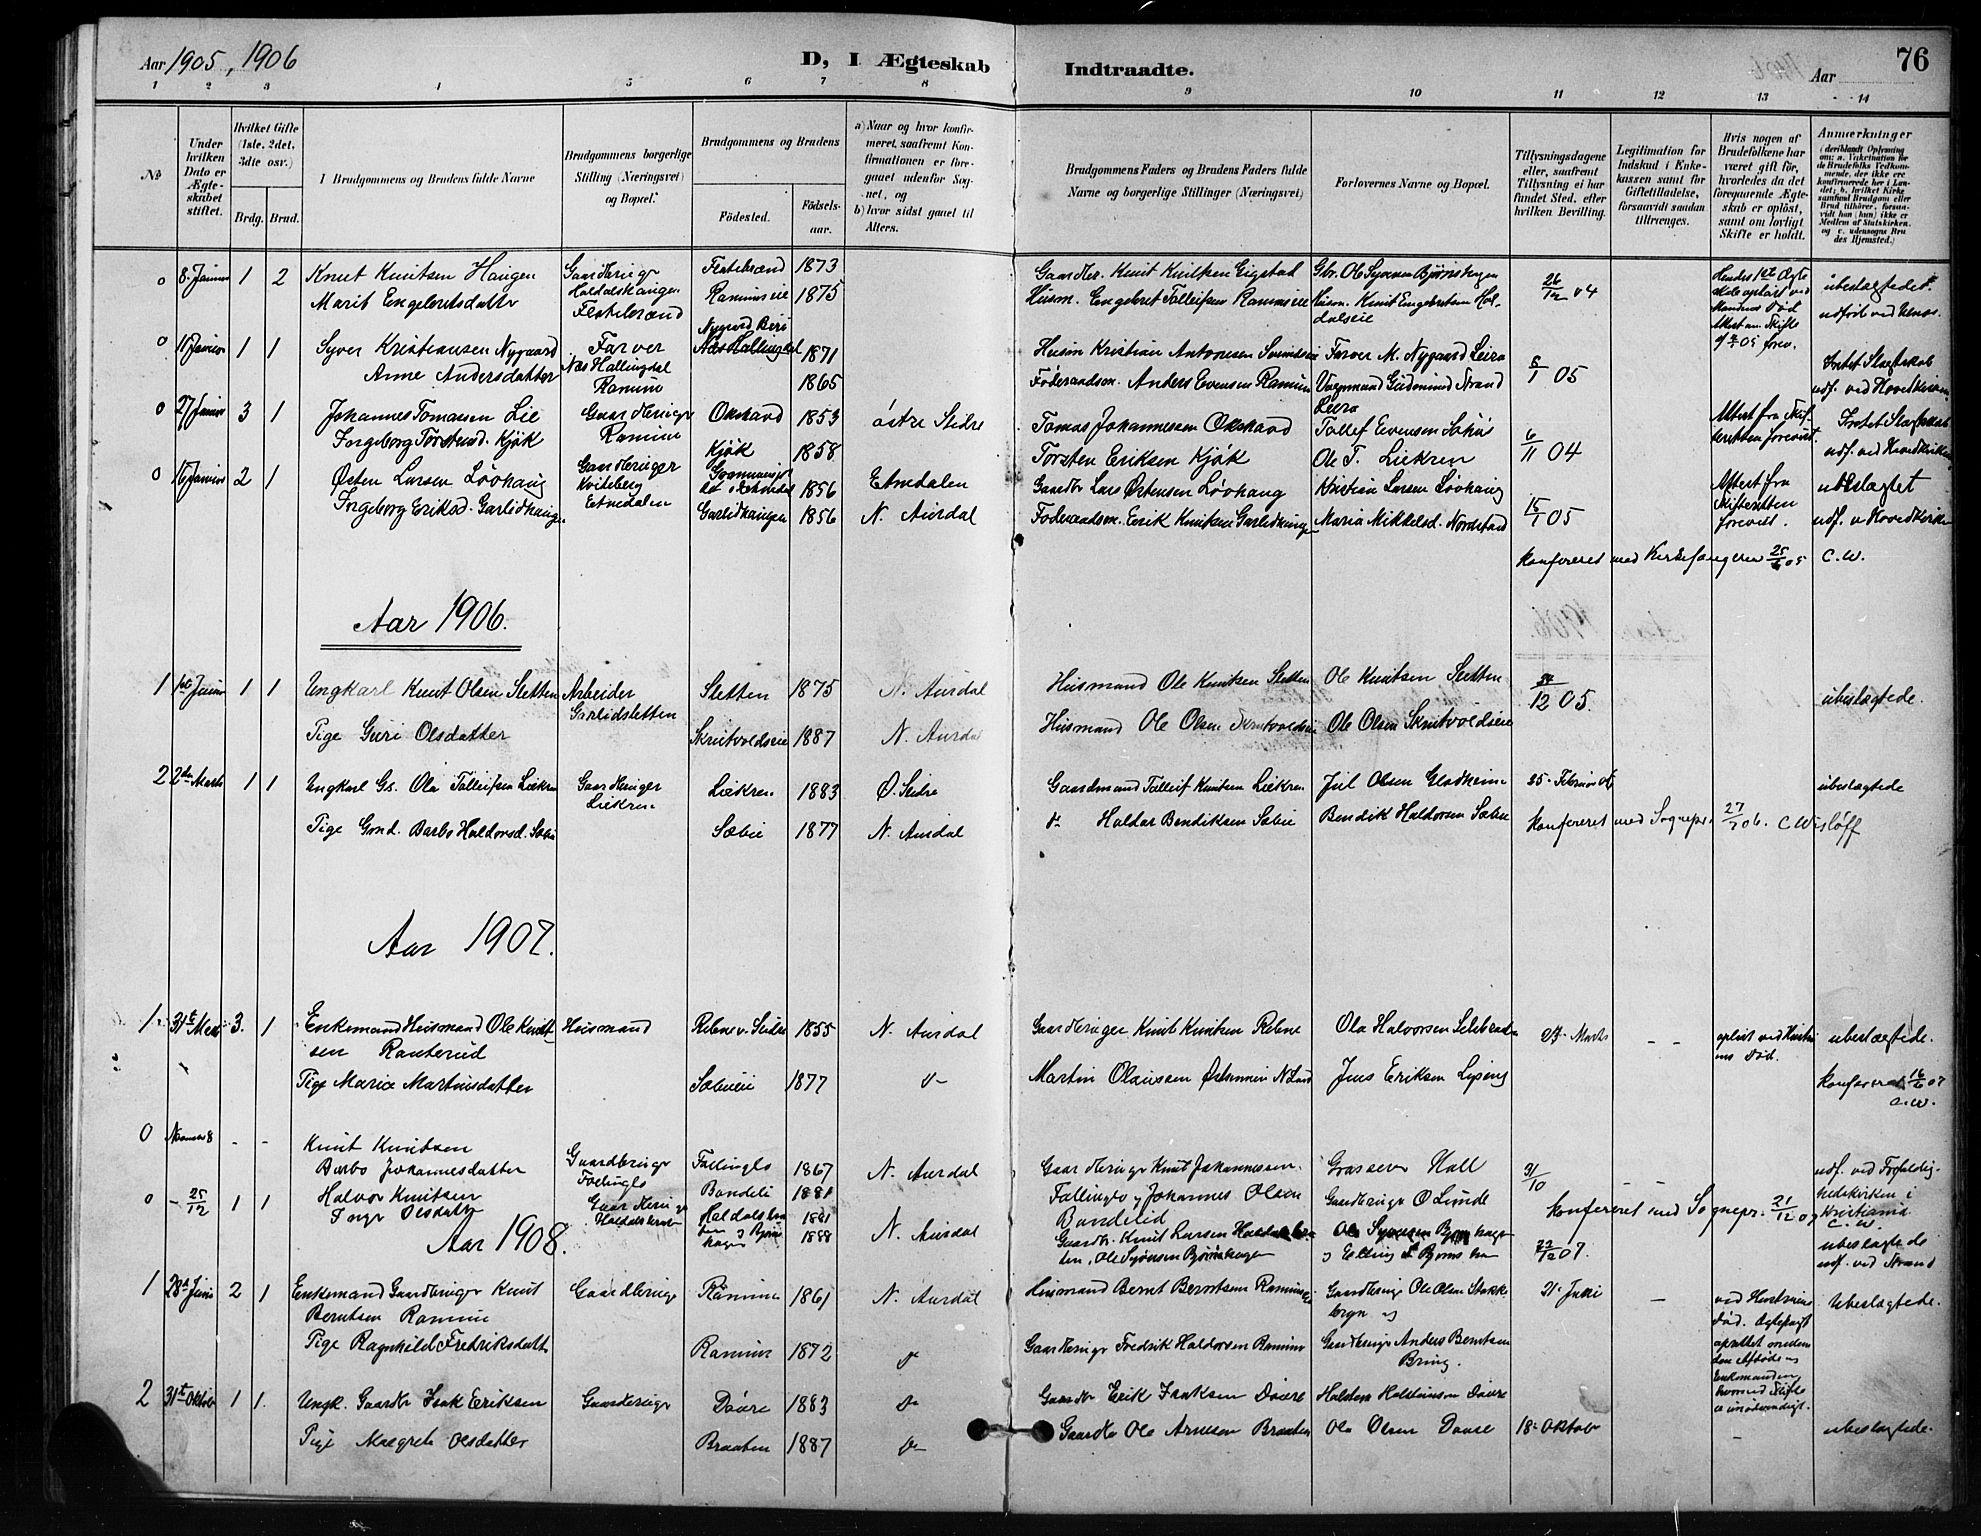 SAH, Nord-Aurdal prestekontor, Klokkerbok nr. 11, 1897-1918, s. 76